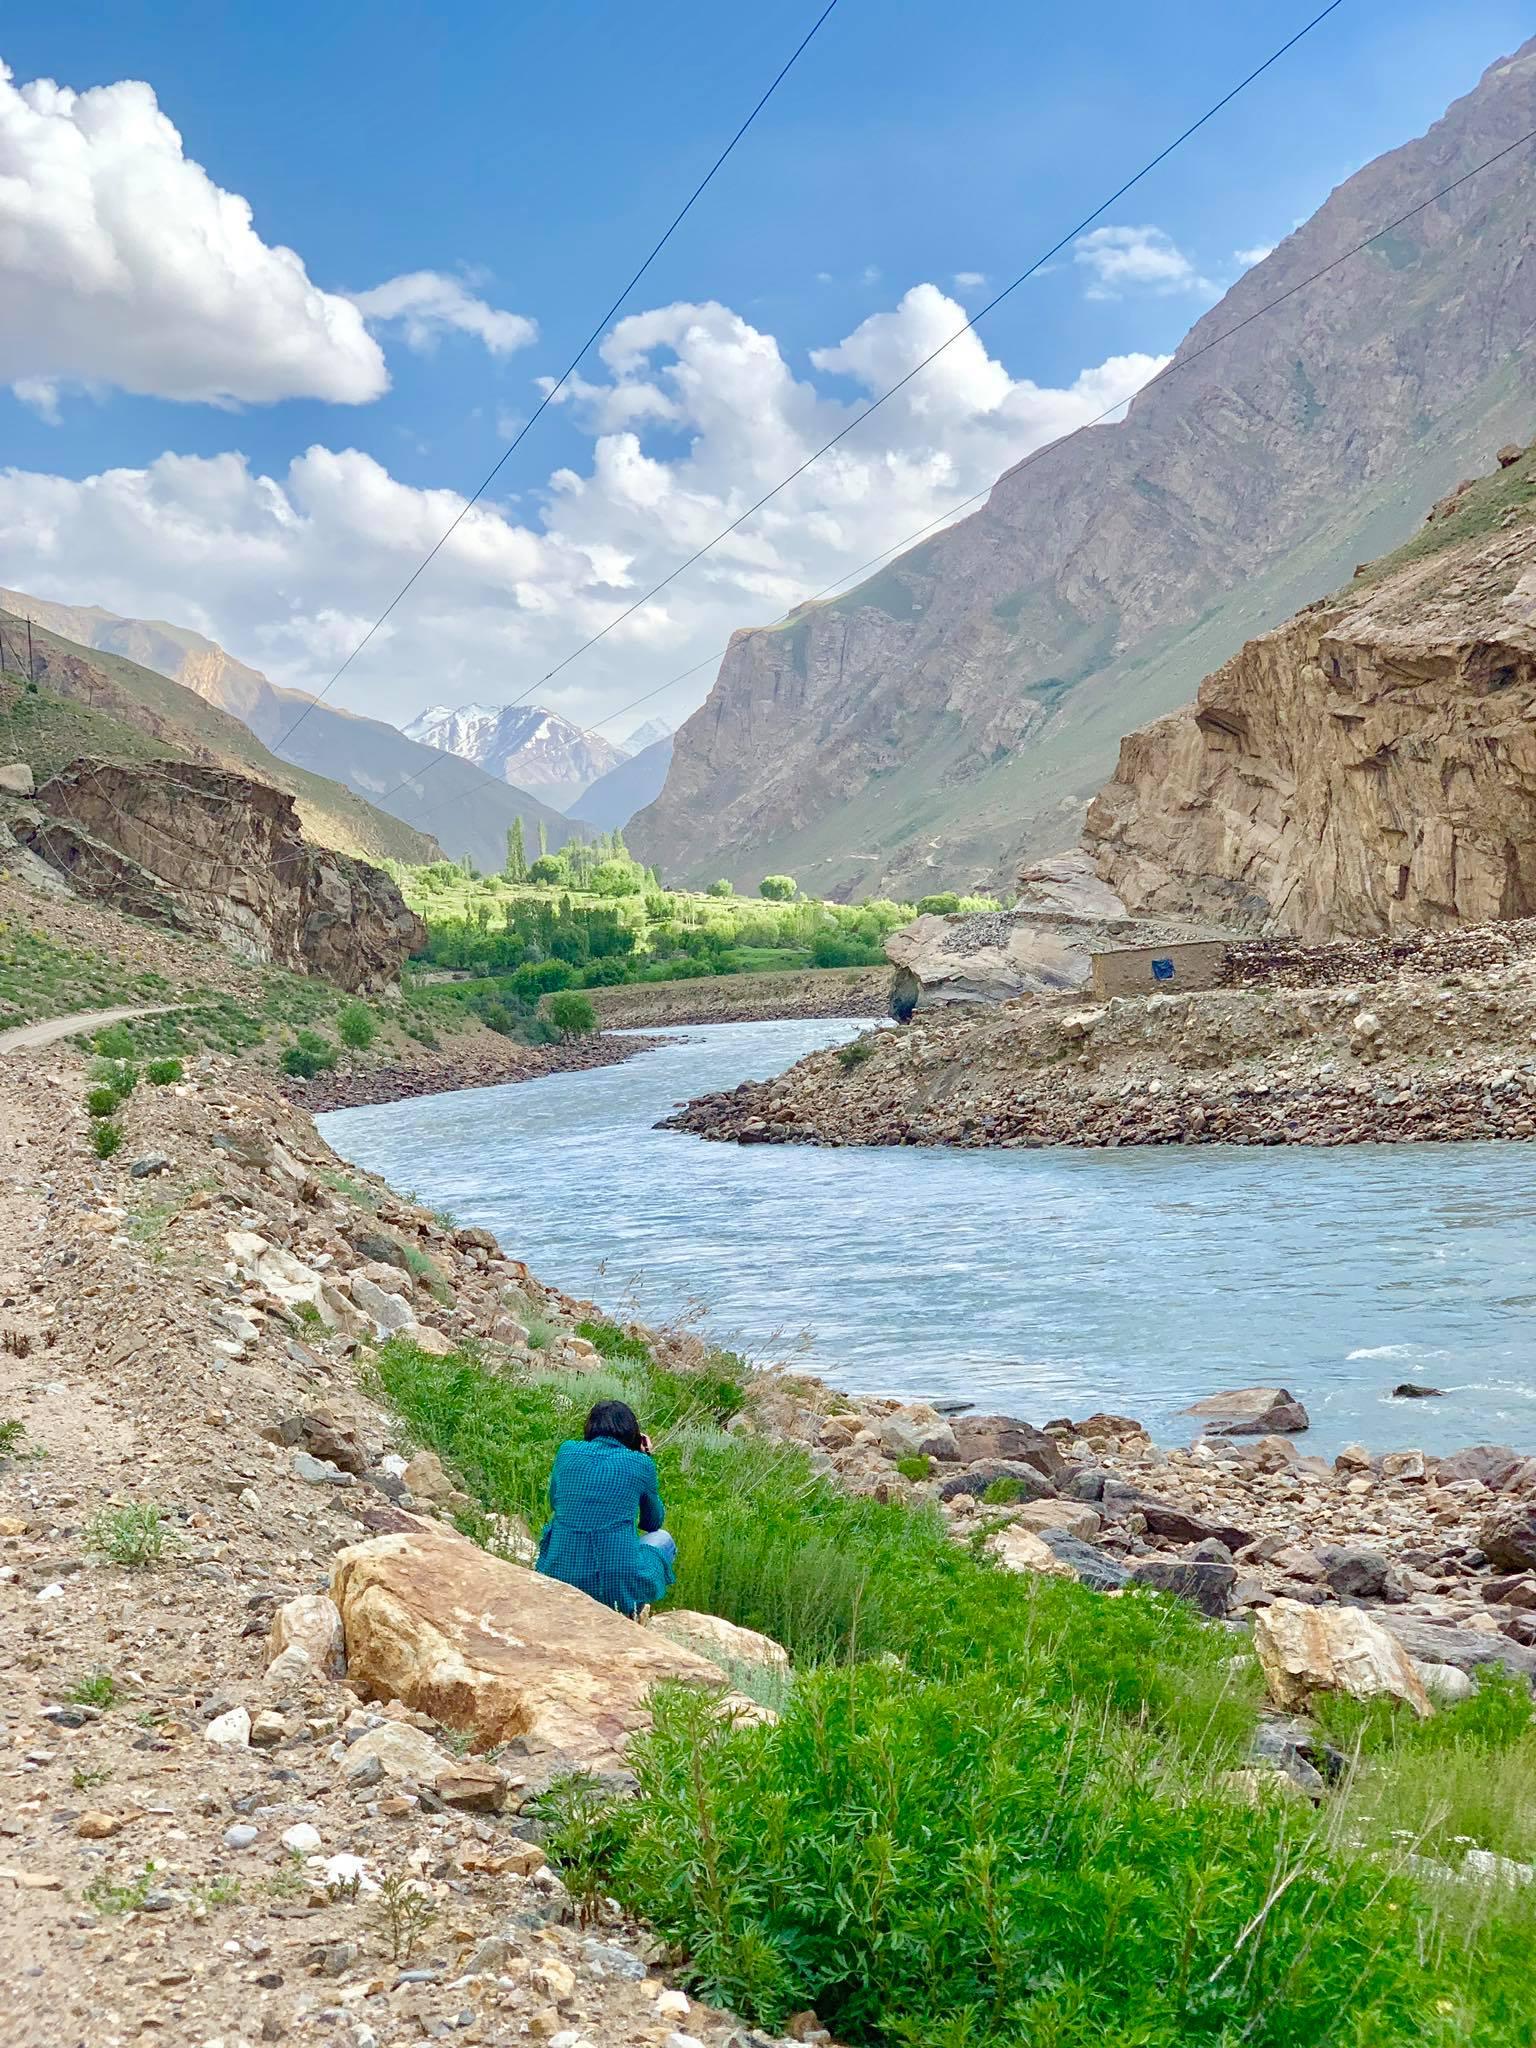 Kach Solo Travels in 2019 Pamir Highway Trip in Tajikistan25.jpg